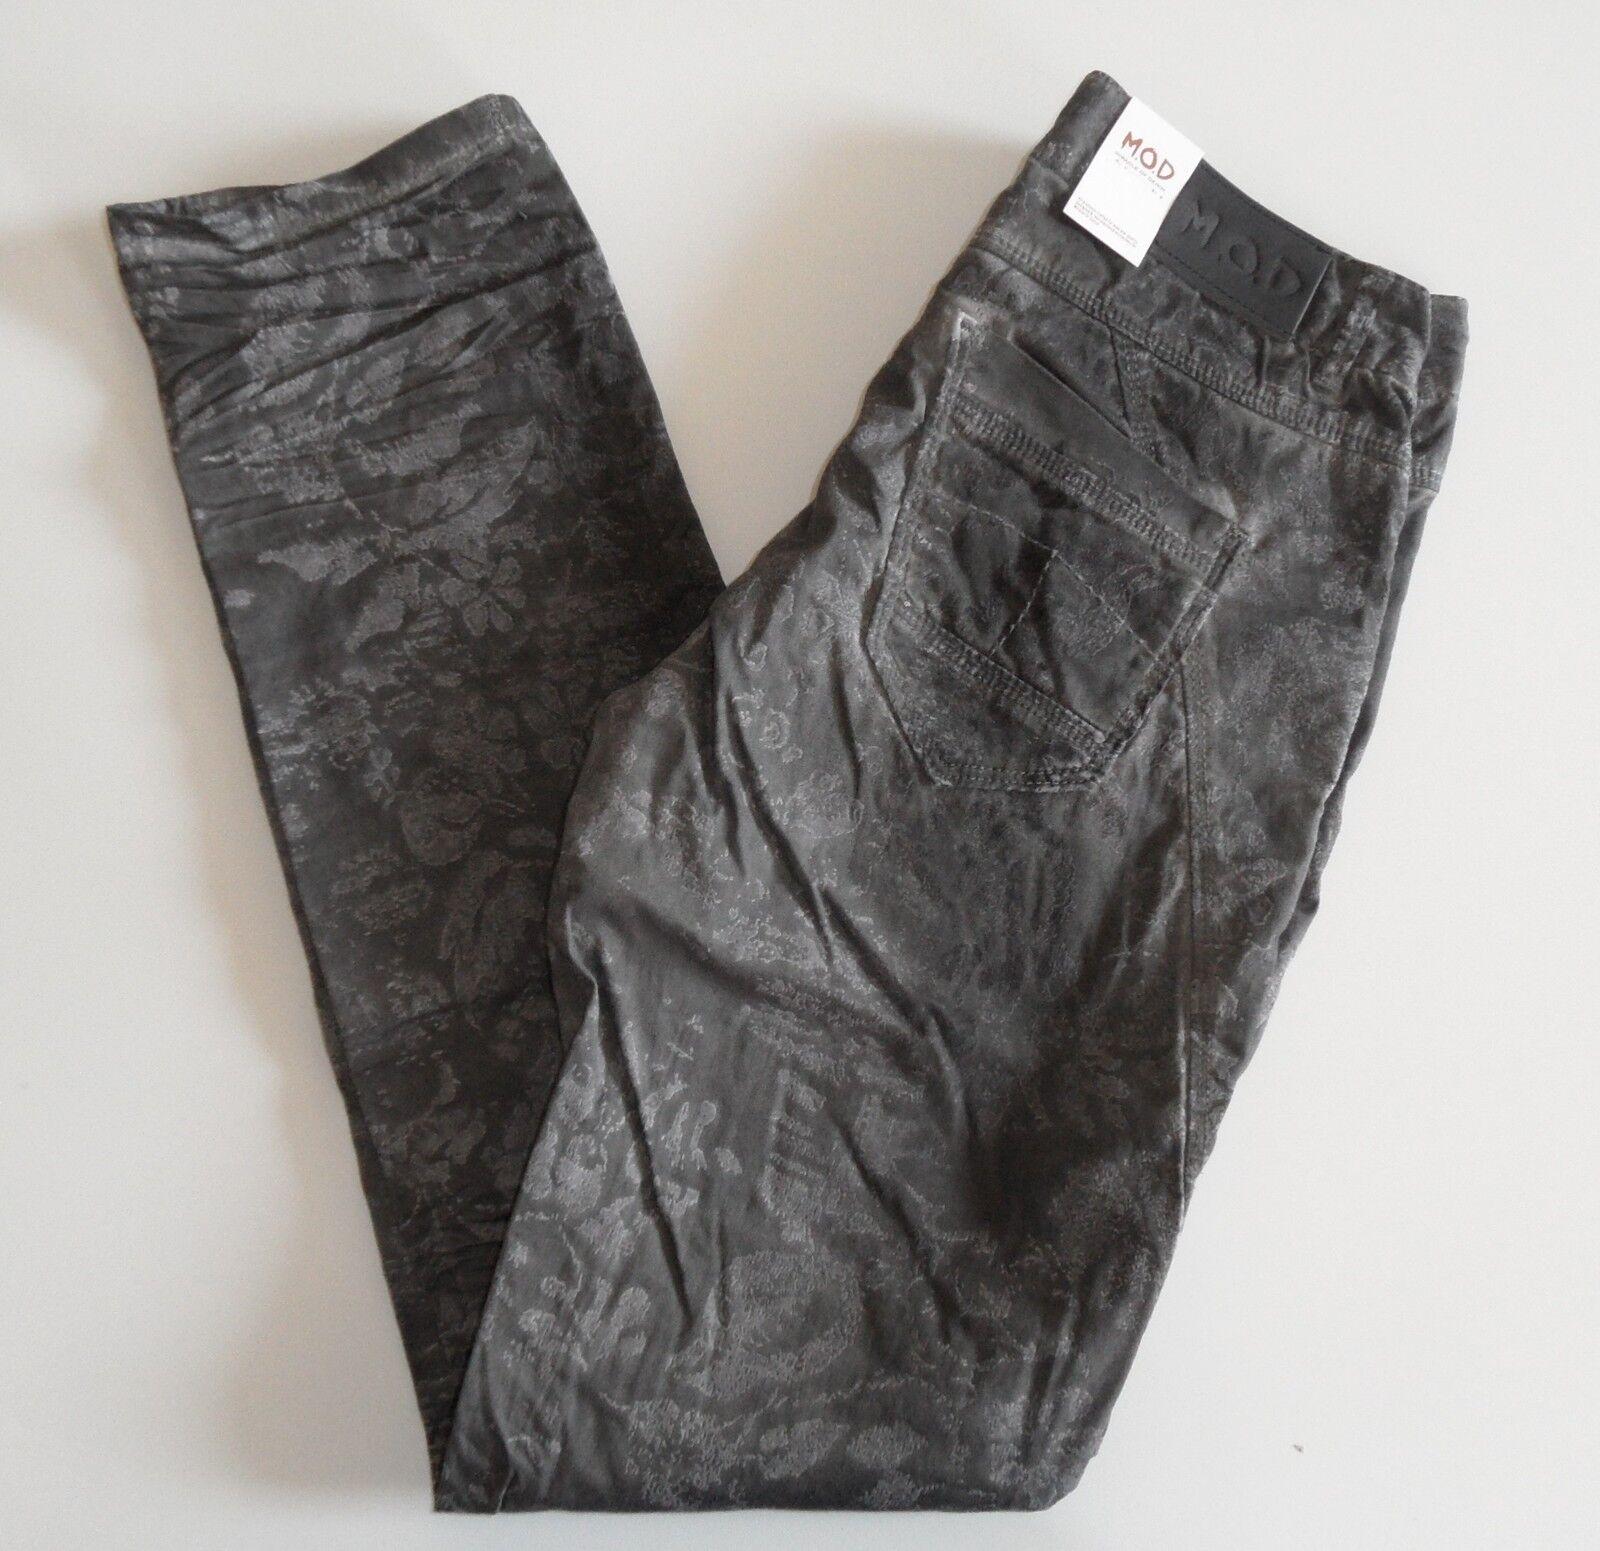 M.O.D Damen Jeans Rea Dark grau Flock NEU Größe 27 34 und 28 34